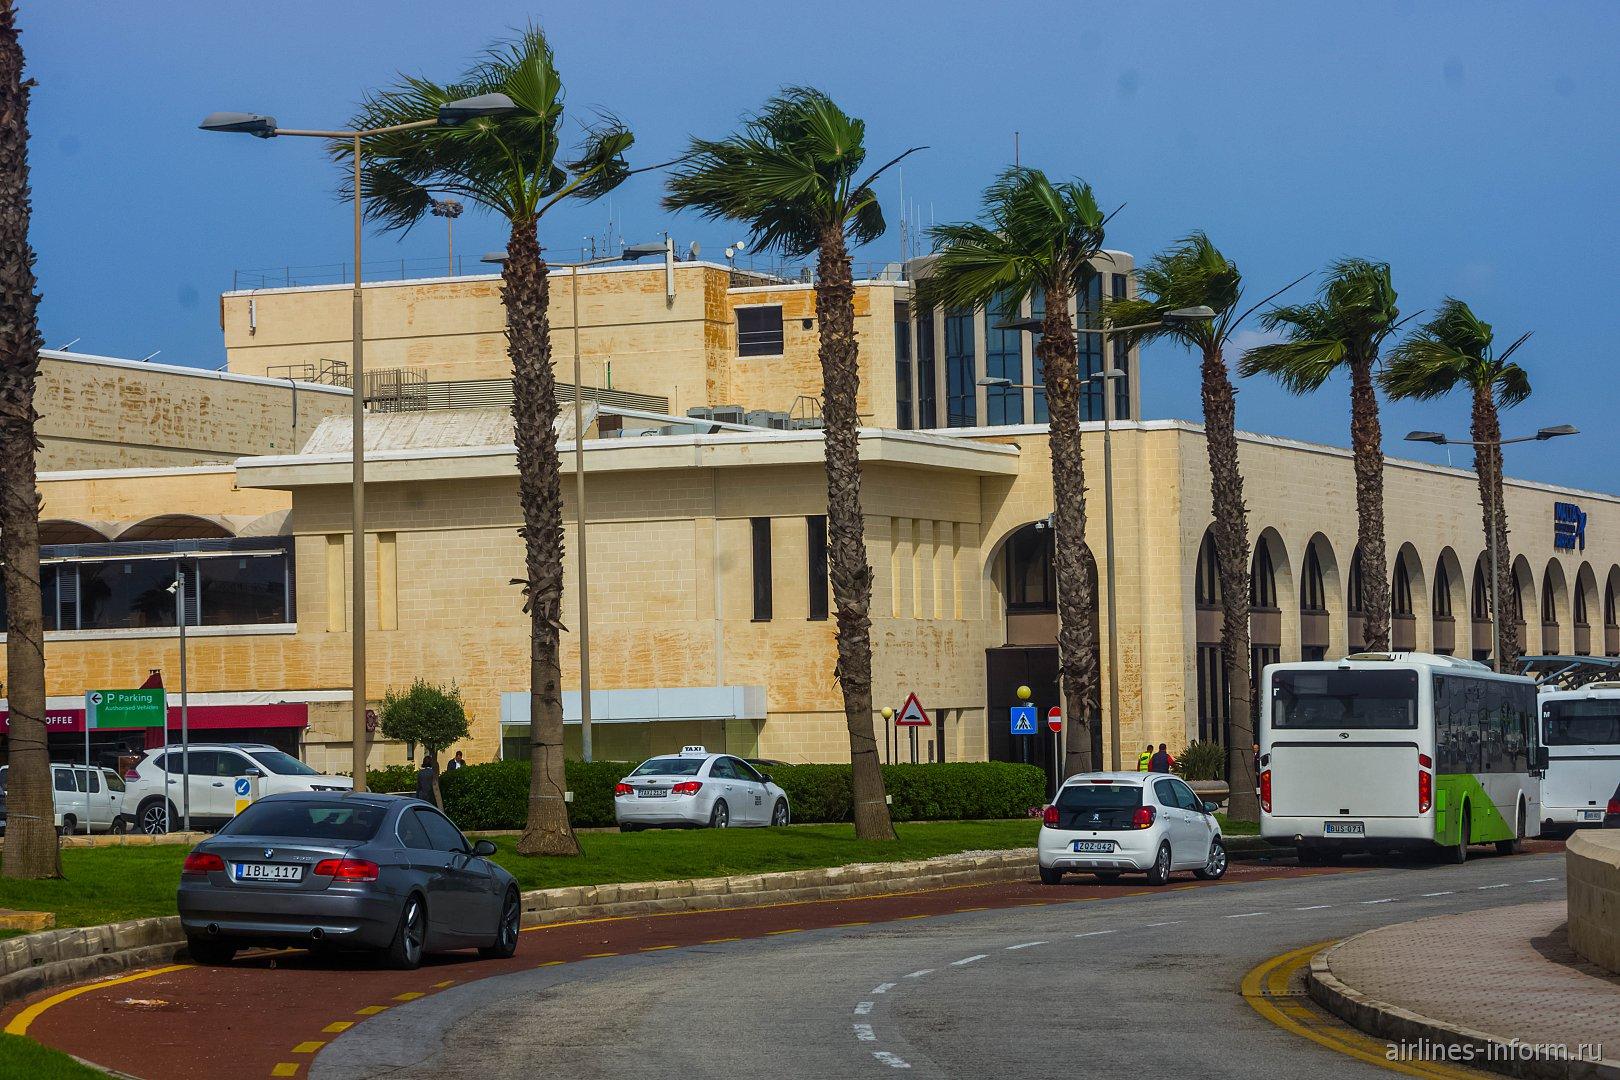 Аэровокзал аэропорта Мальта